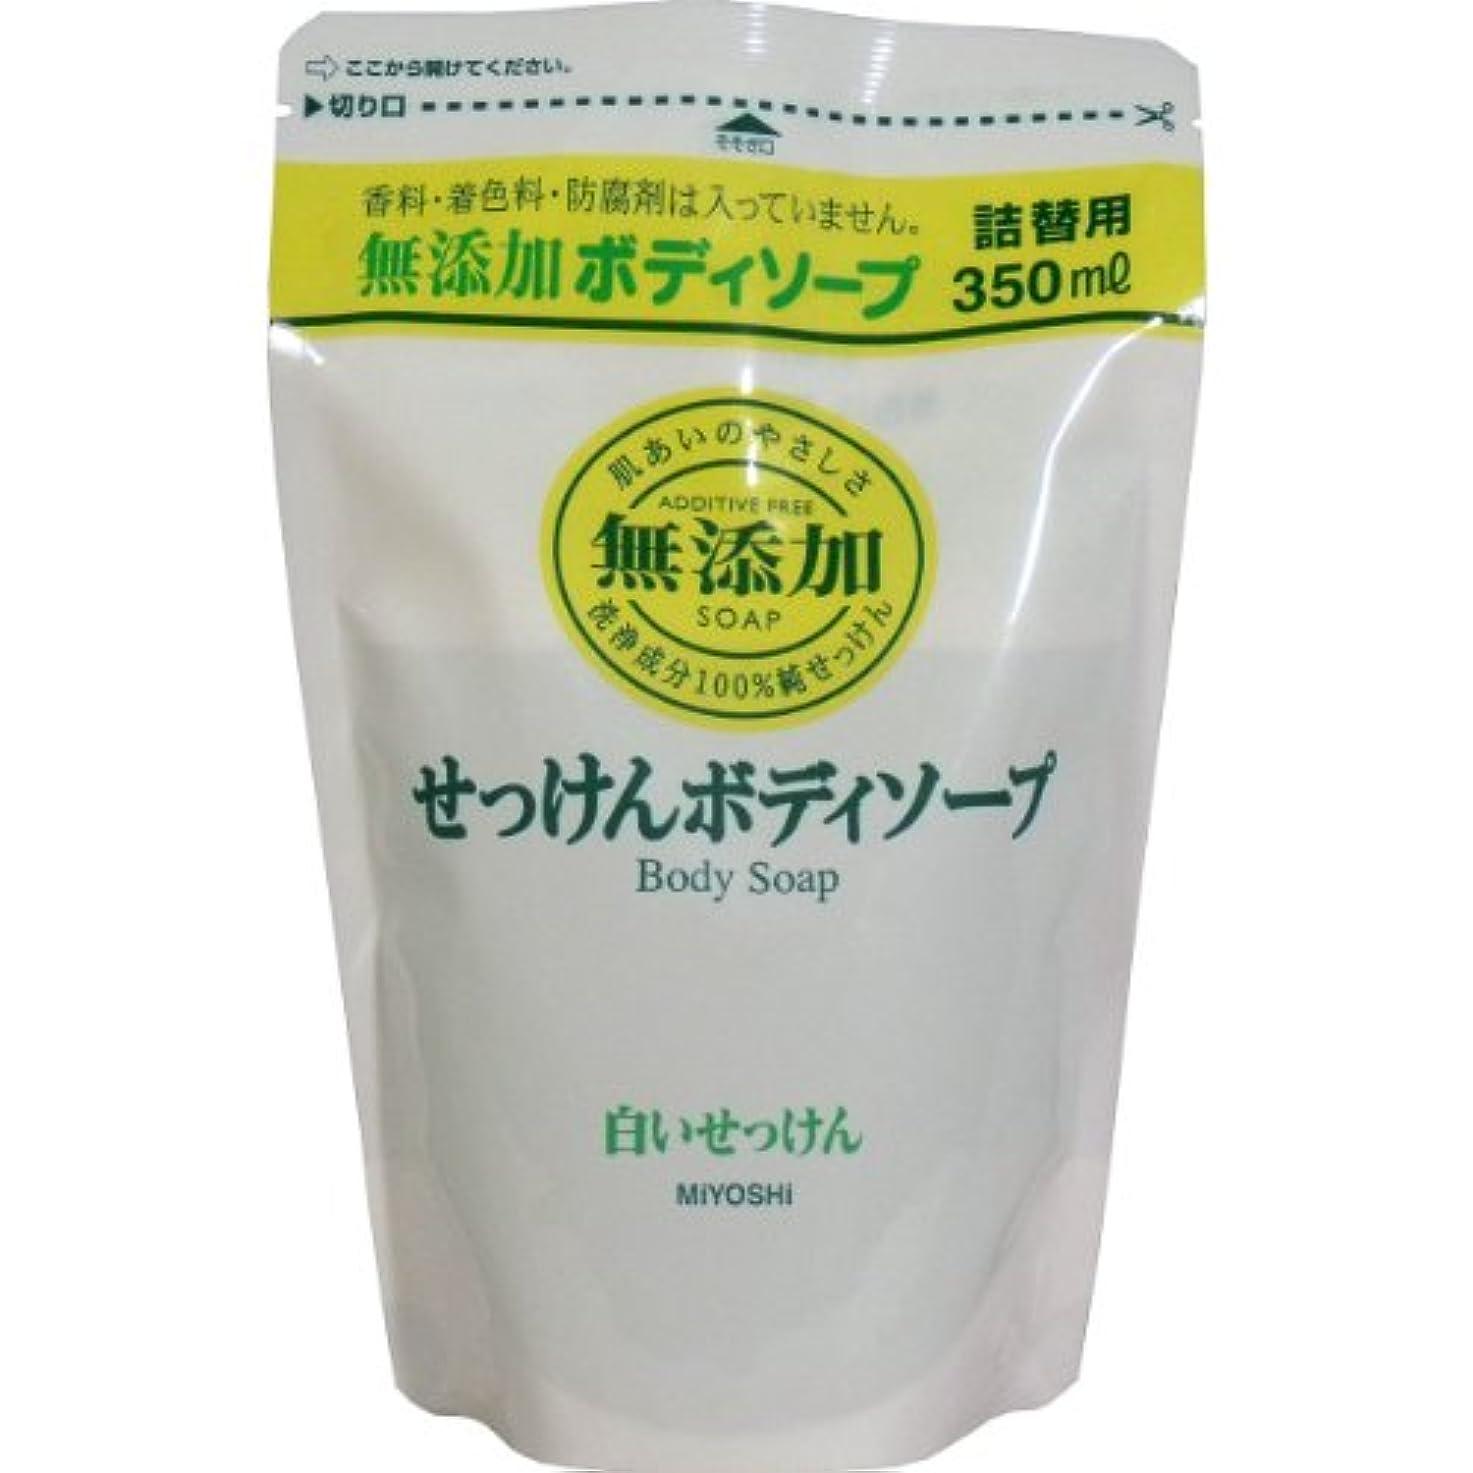 種類収穫キャップミヨシ石鹸 無添加 ボディソープ 白い石けん つめかえ用 350ml×20個セット(無添加石鹸)